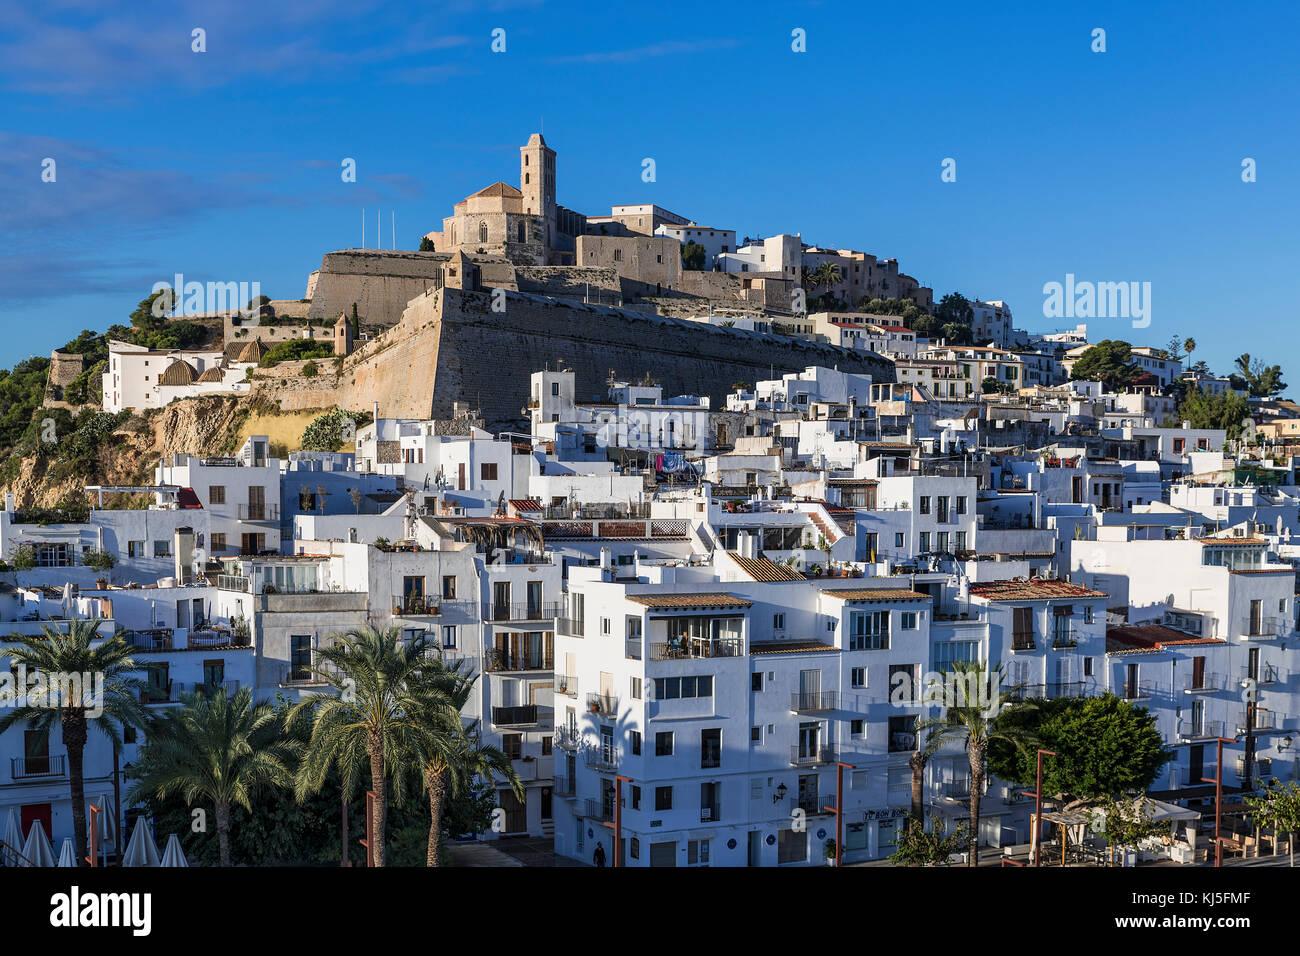 La ciudad de Ibiza y la catedral de Santa Maria d'Eivissa, Ibiza, Islas Baleares, España. Foto de stock